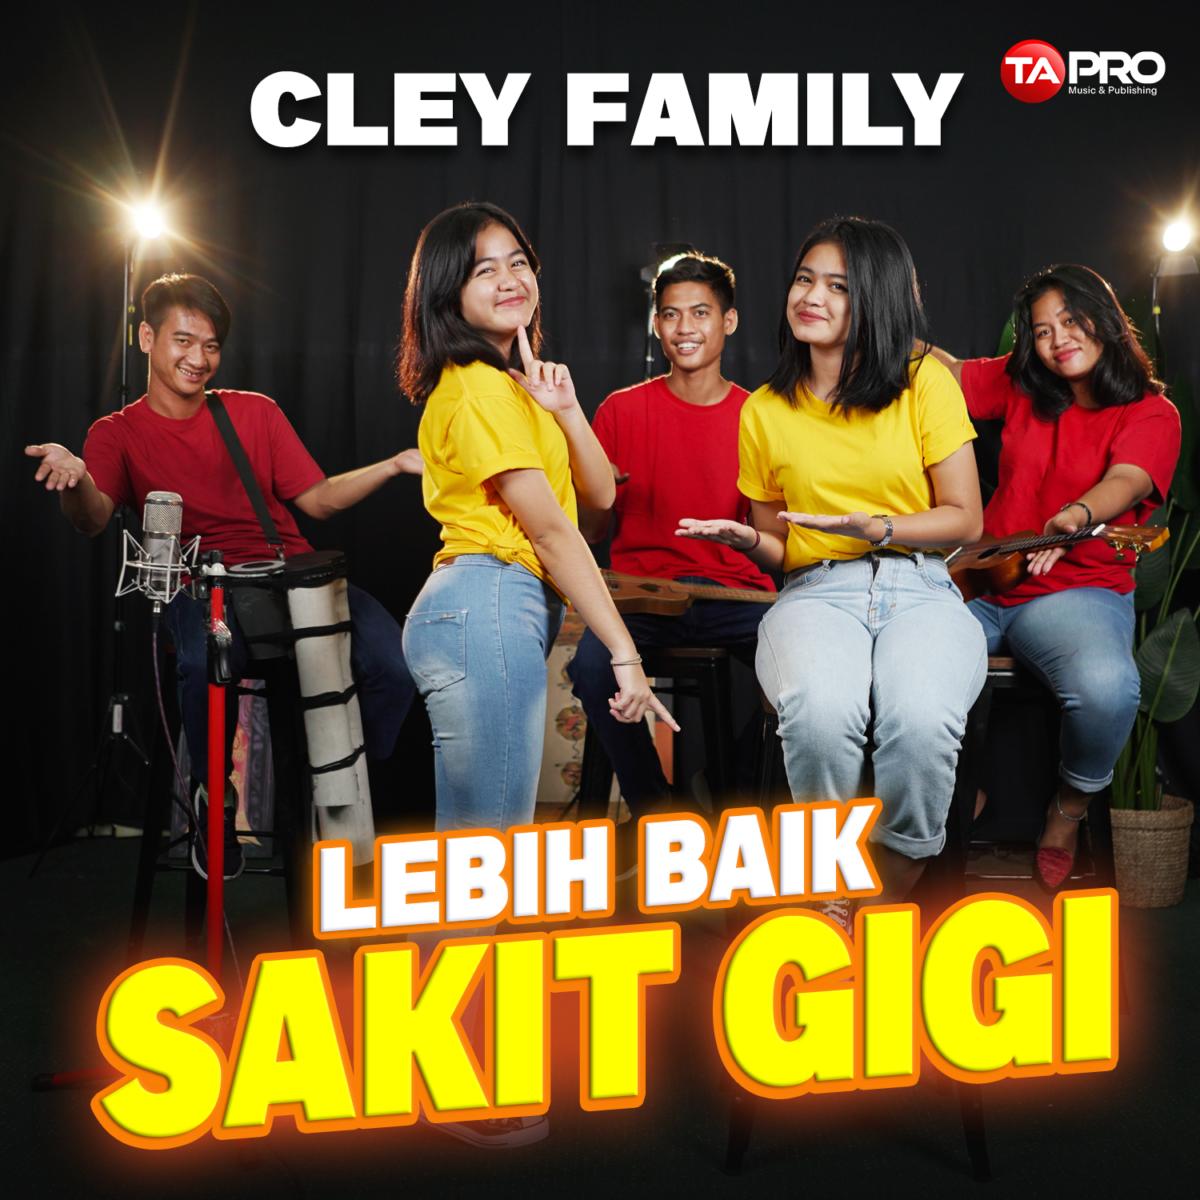 Pengamen Masuk Dapur Rekaman, Berkah Untuk Perjuangan CLEY FAMILY